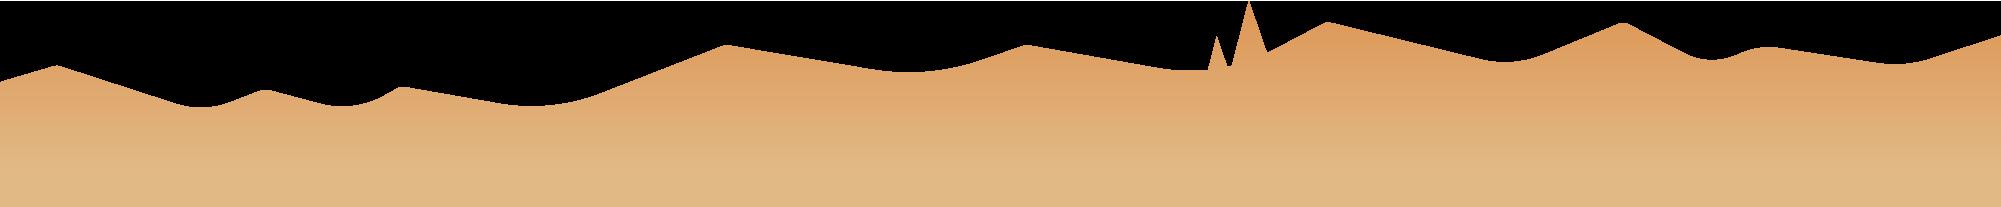 展览预告 | 来自犀牛家族的邀请函:侬好,犀犀里 HELLO RHINO ALLEY 犀犀里 犀牛 家族 邀请函 LaLa port 上海金桥 空间 人们 活动 崇真艺客